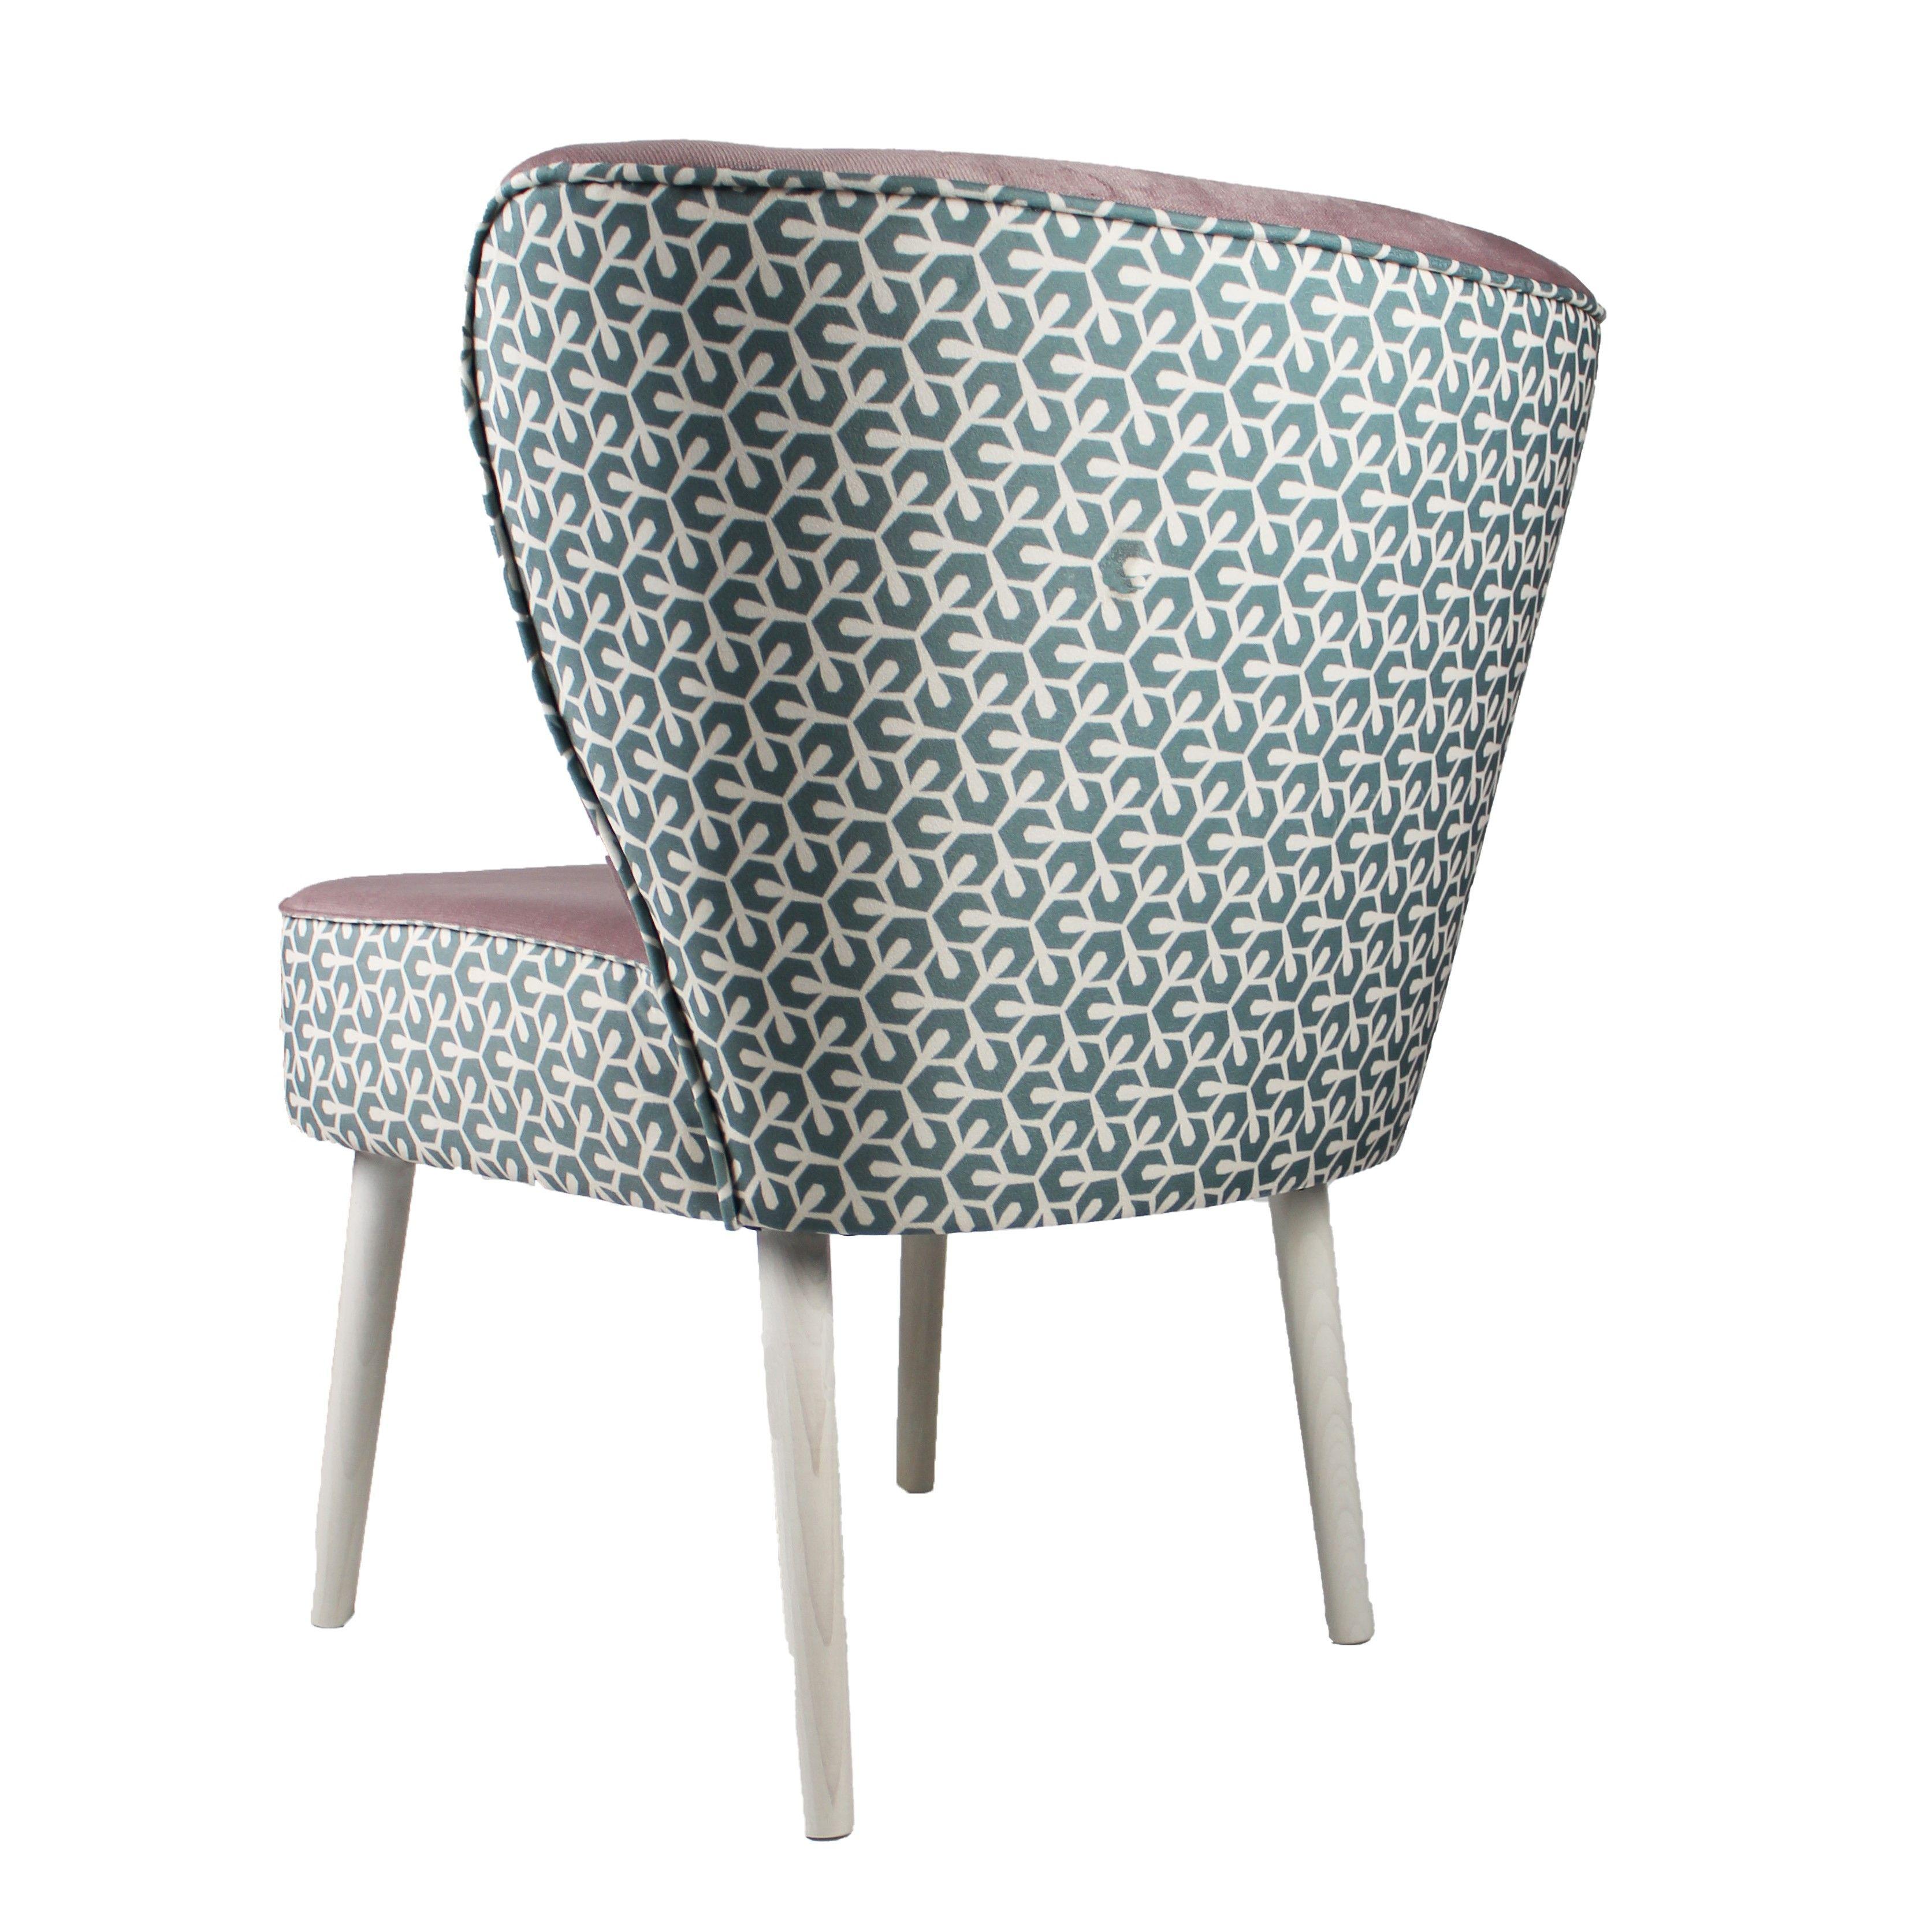 Susser Sessel Furs Wohnzimmer Aufhubschen Homesweethome In 2020 Sessel Mit Hocker Sessel Kleine Sessel